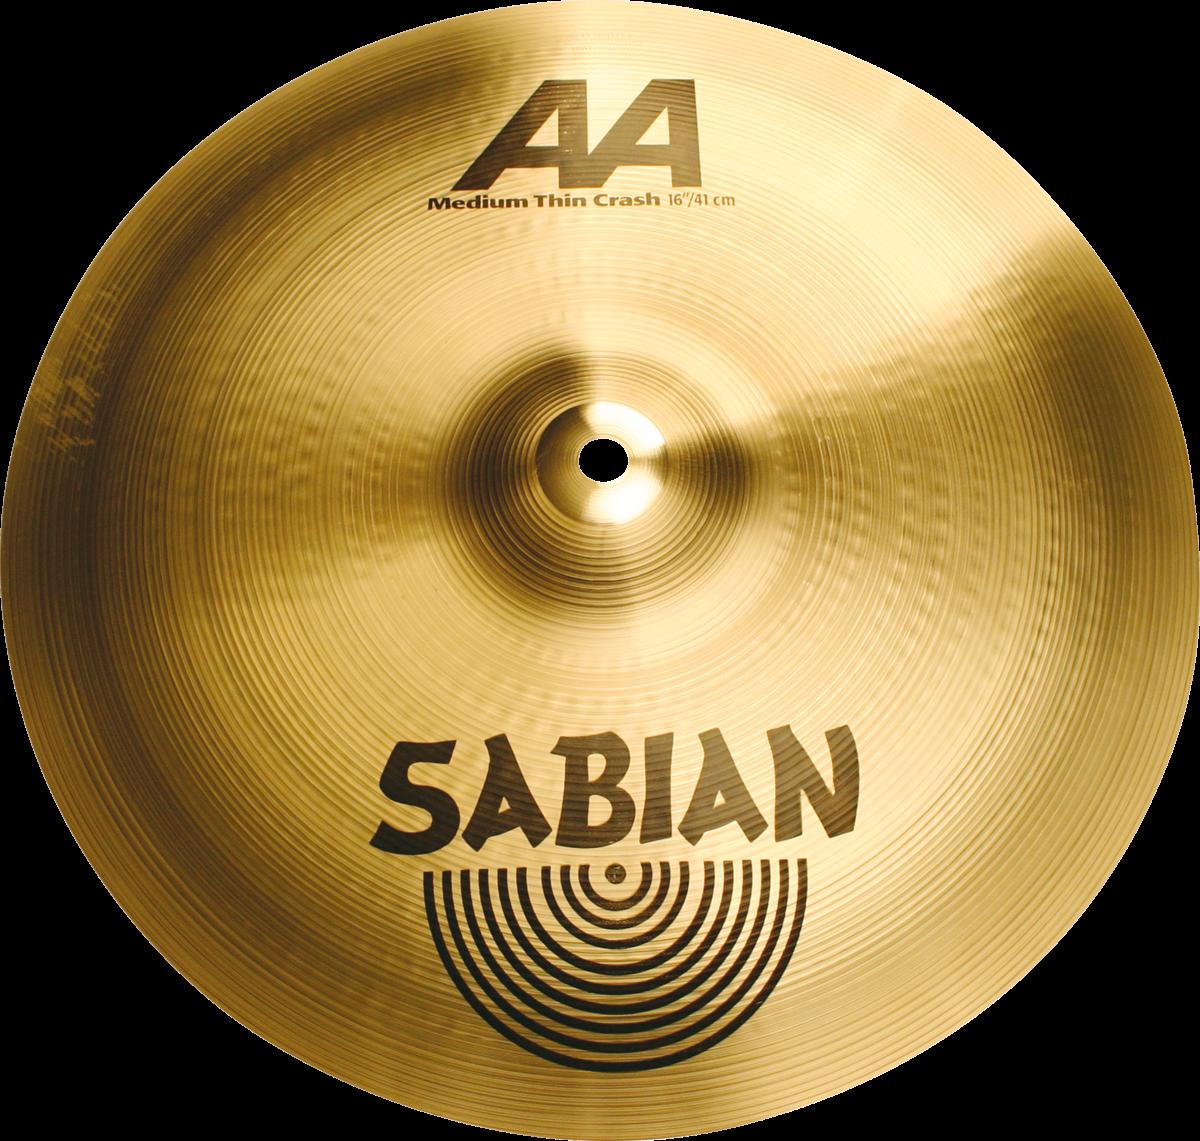 """Sabian Cymbaal AA Crash 16"""" Medium Thin Brillante"""